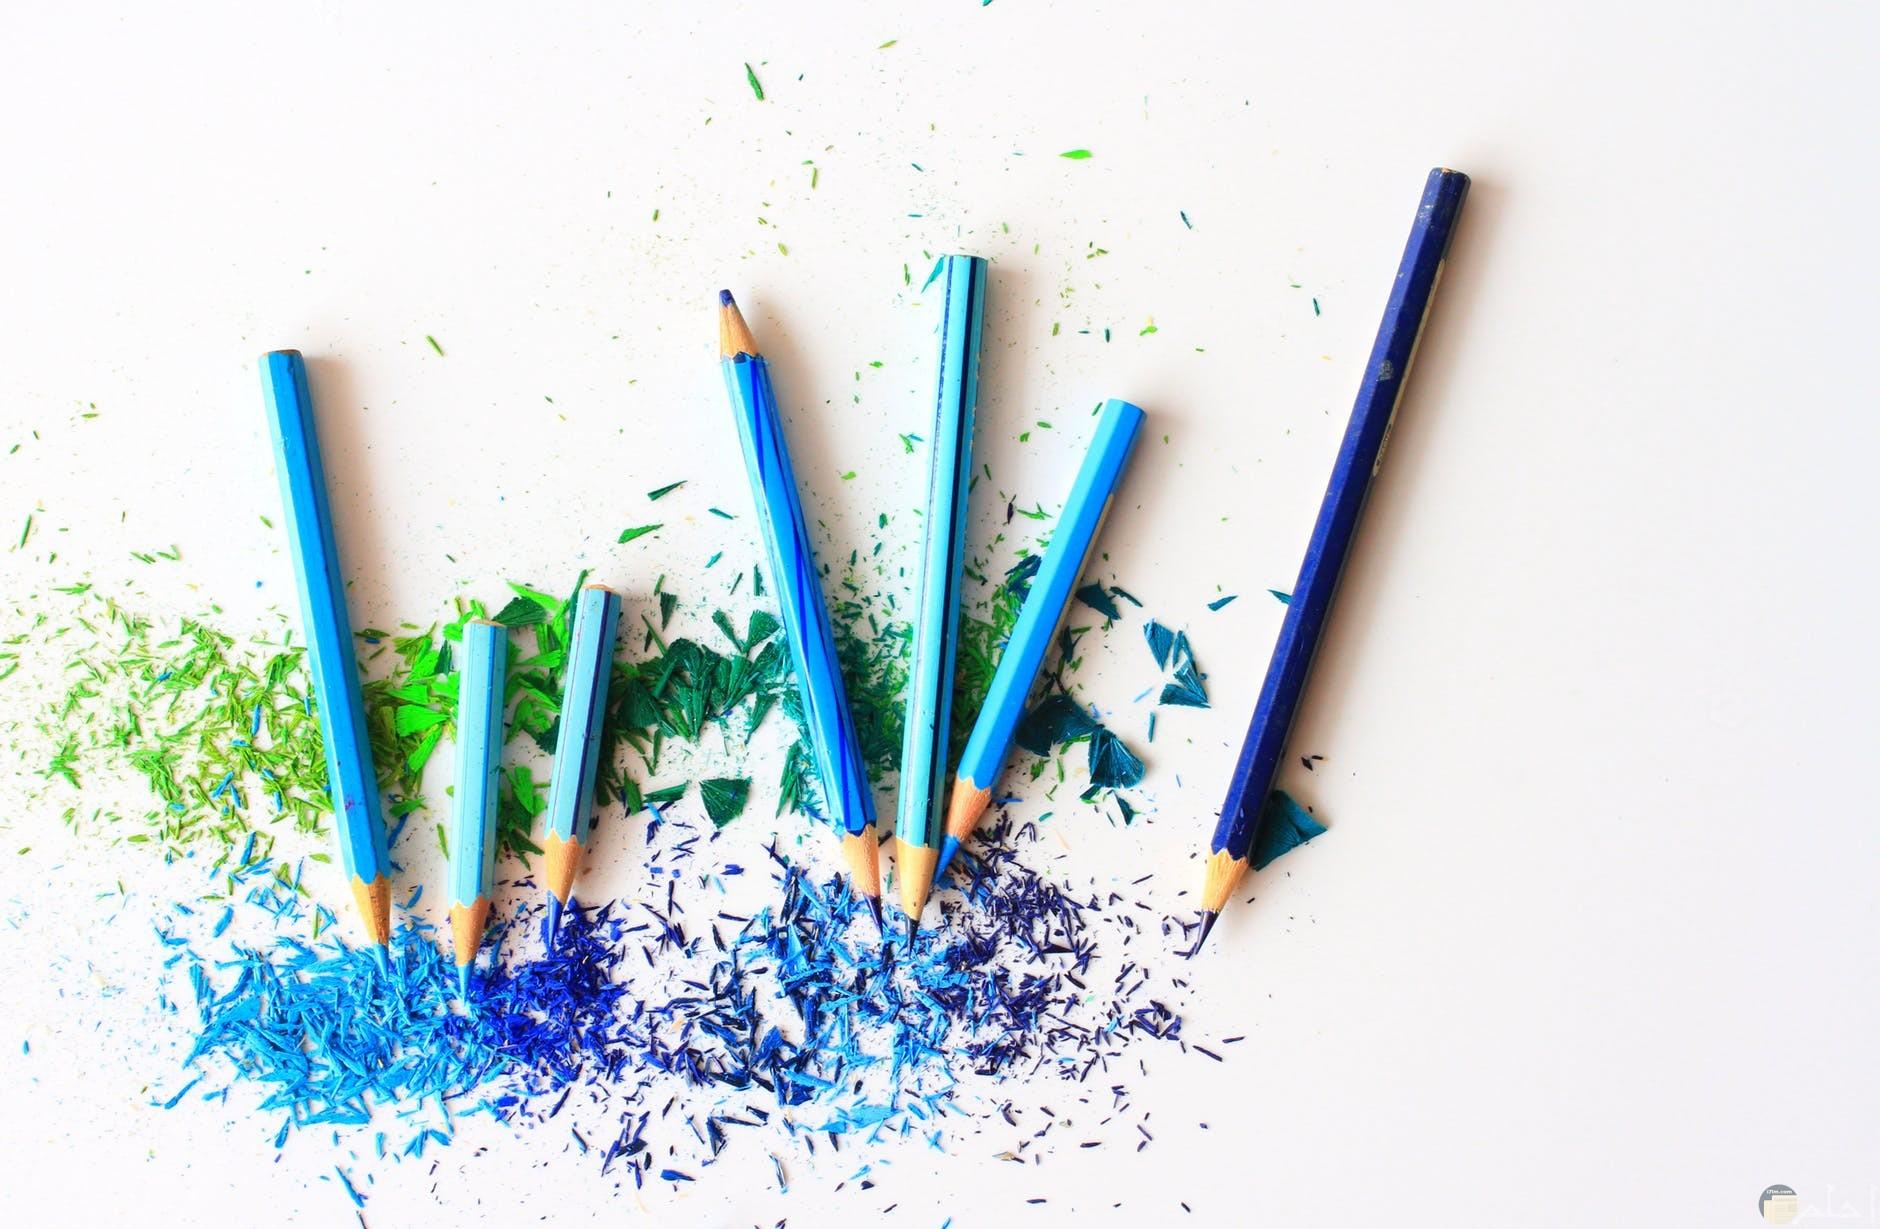 محبي اقلام الالوان الازرق والاخضر